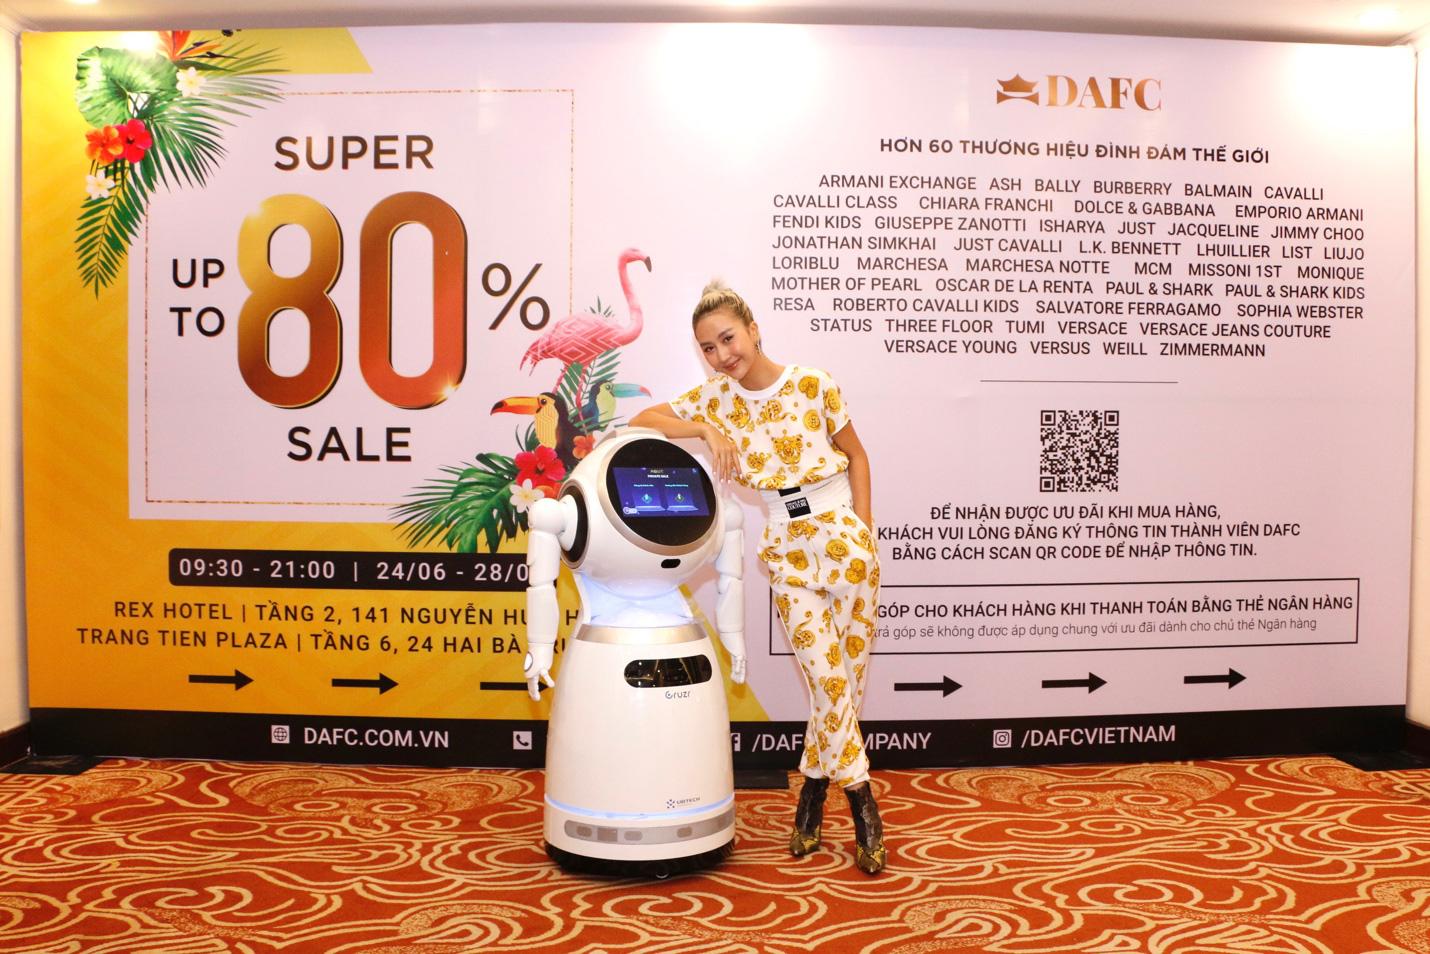 Nóng: Quỳnh Anh Shyn gợi cảm, cá tính lắc lư theo điệu nhạc cùng robot tại DAFC Private Sale - Ảnh 5.